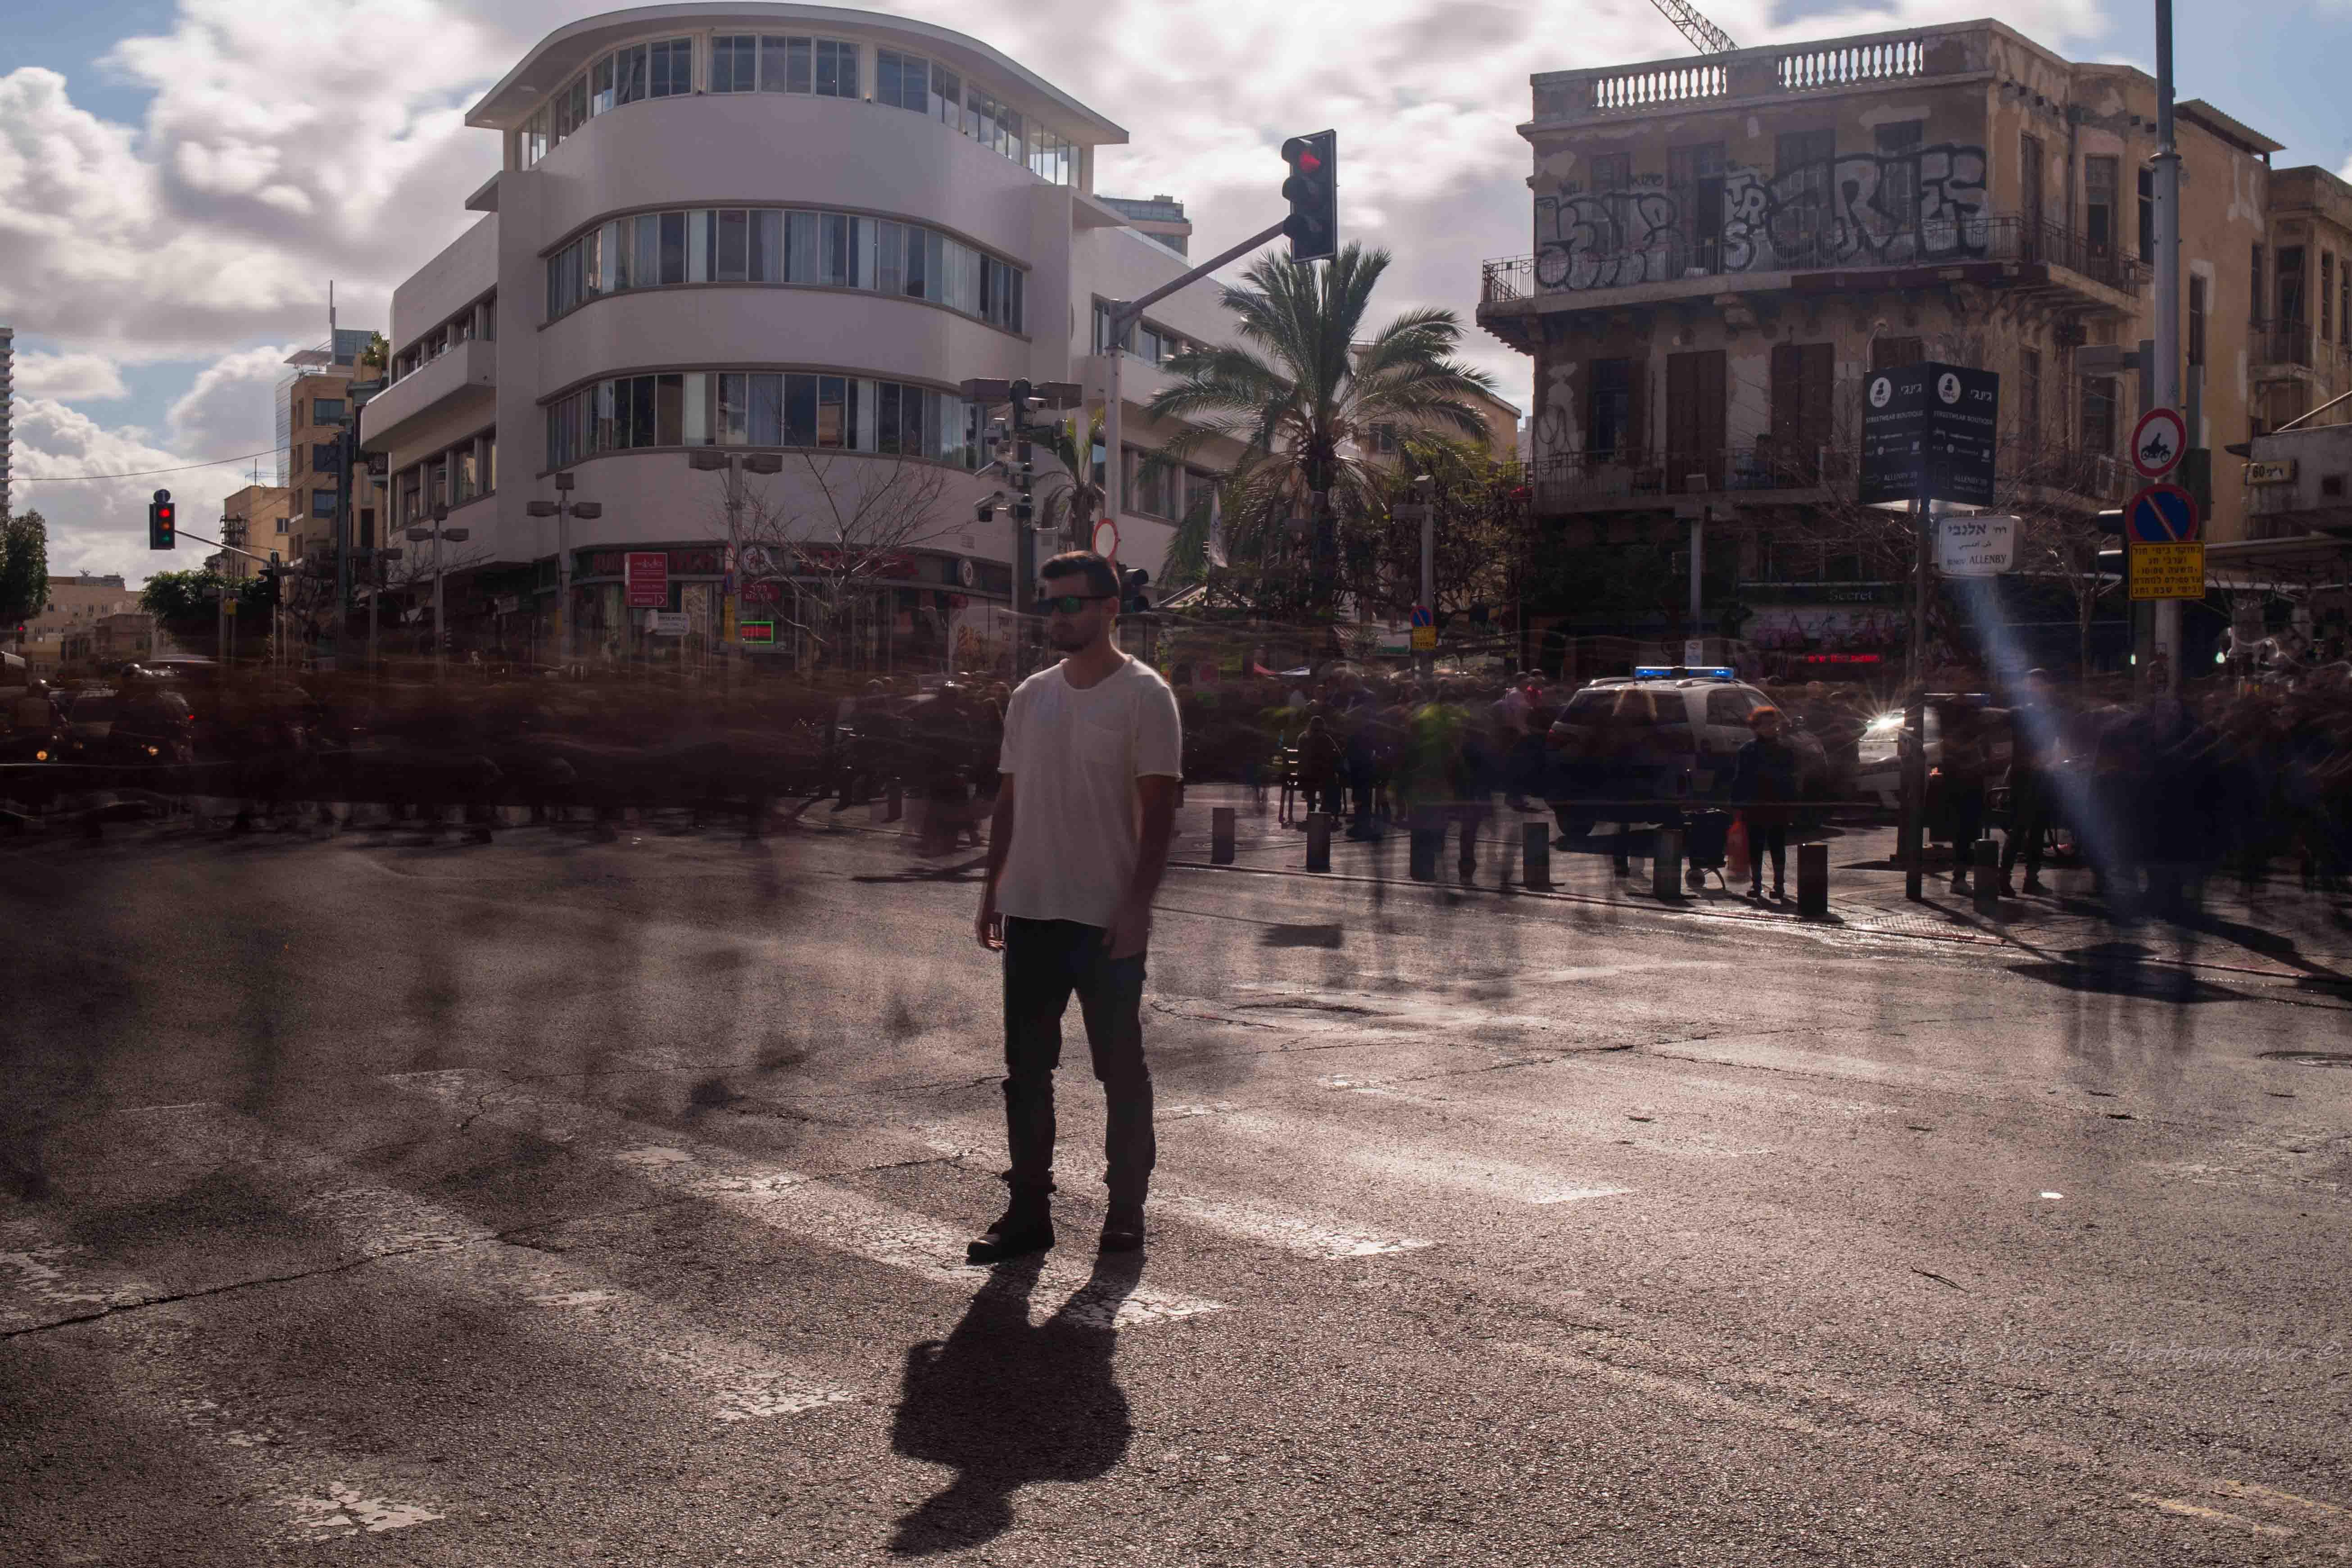 צלם פורטרט, הזמן עוצר מלכת